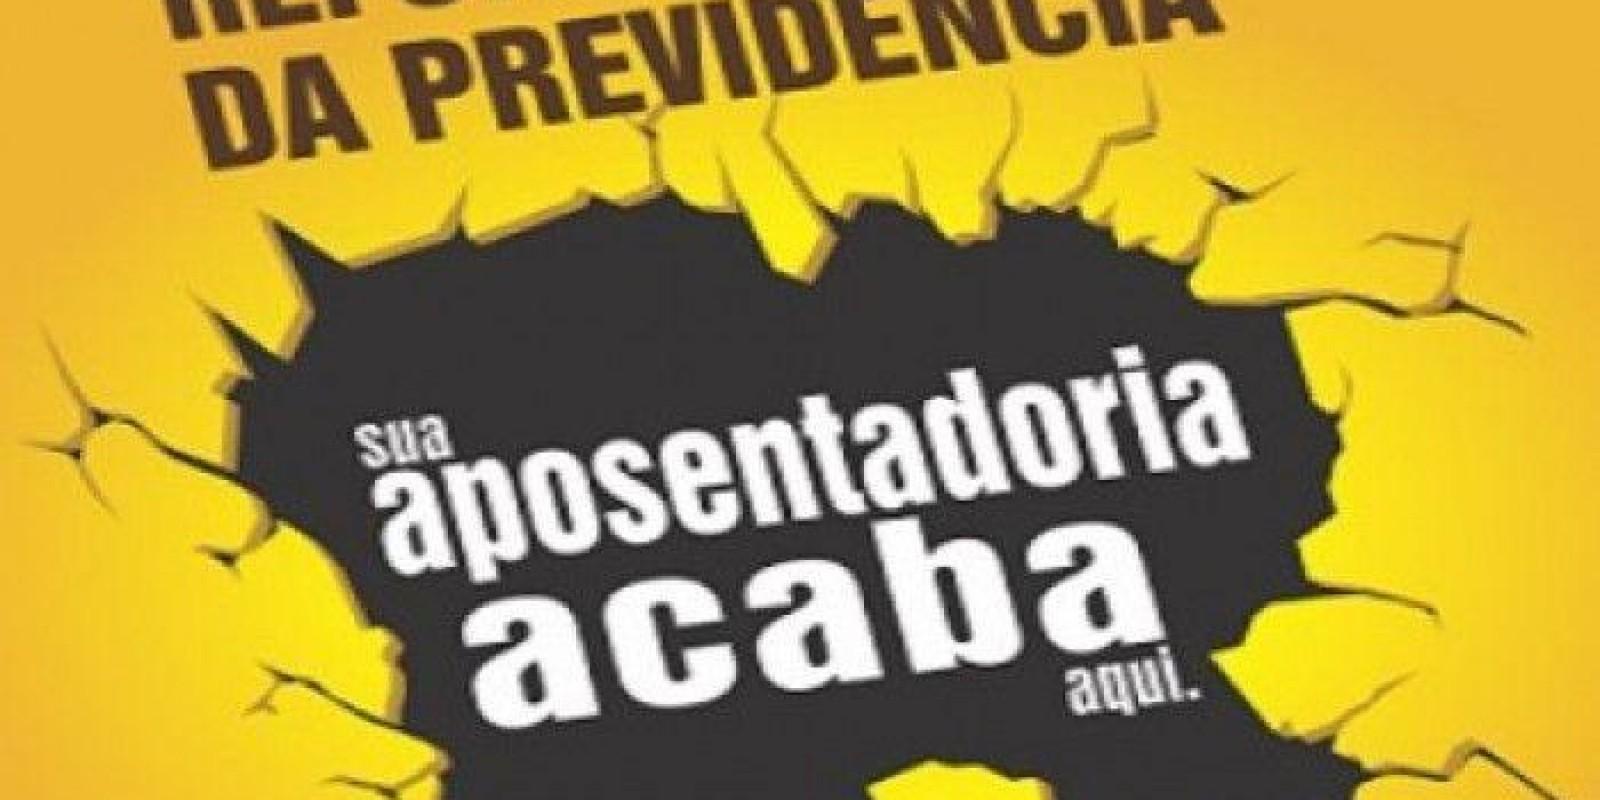 Reforma da Previdência de Bolsonaro é um ataque à classe trabalhadora